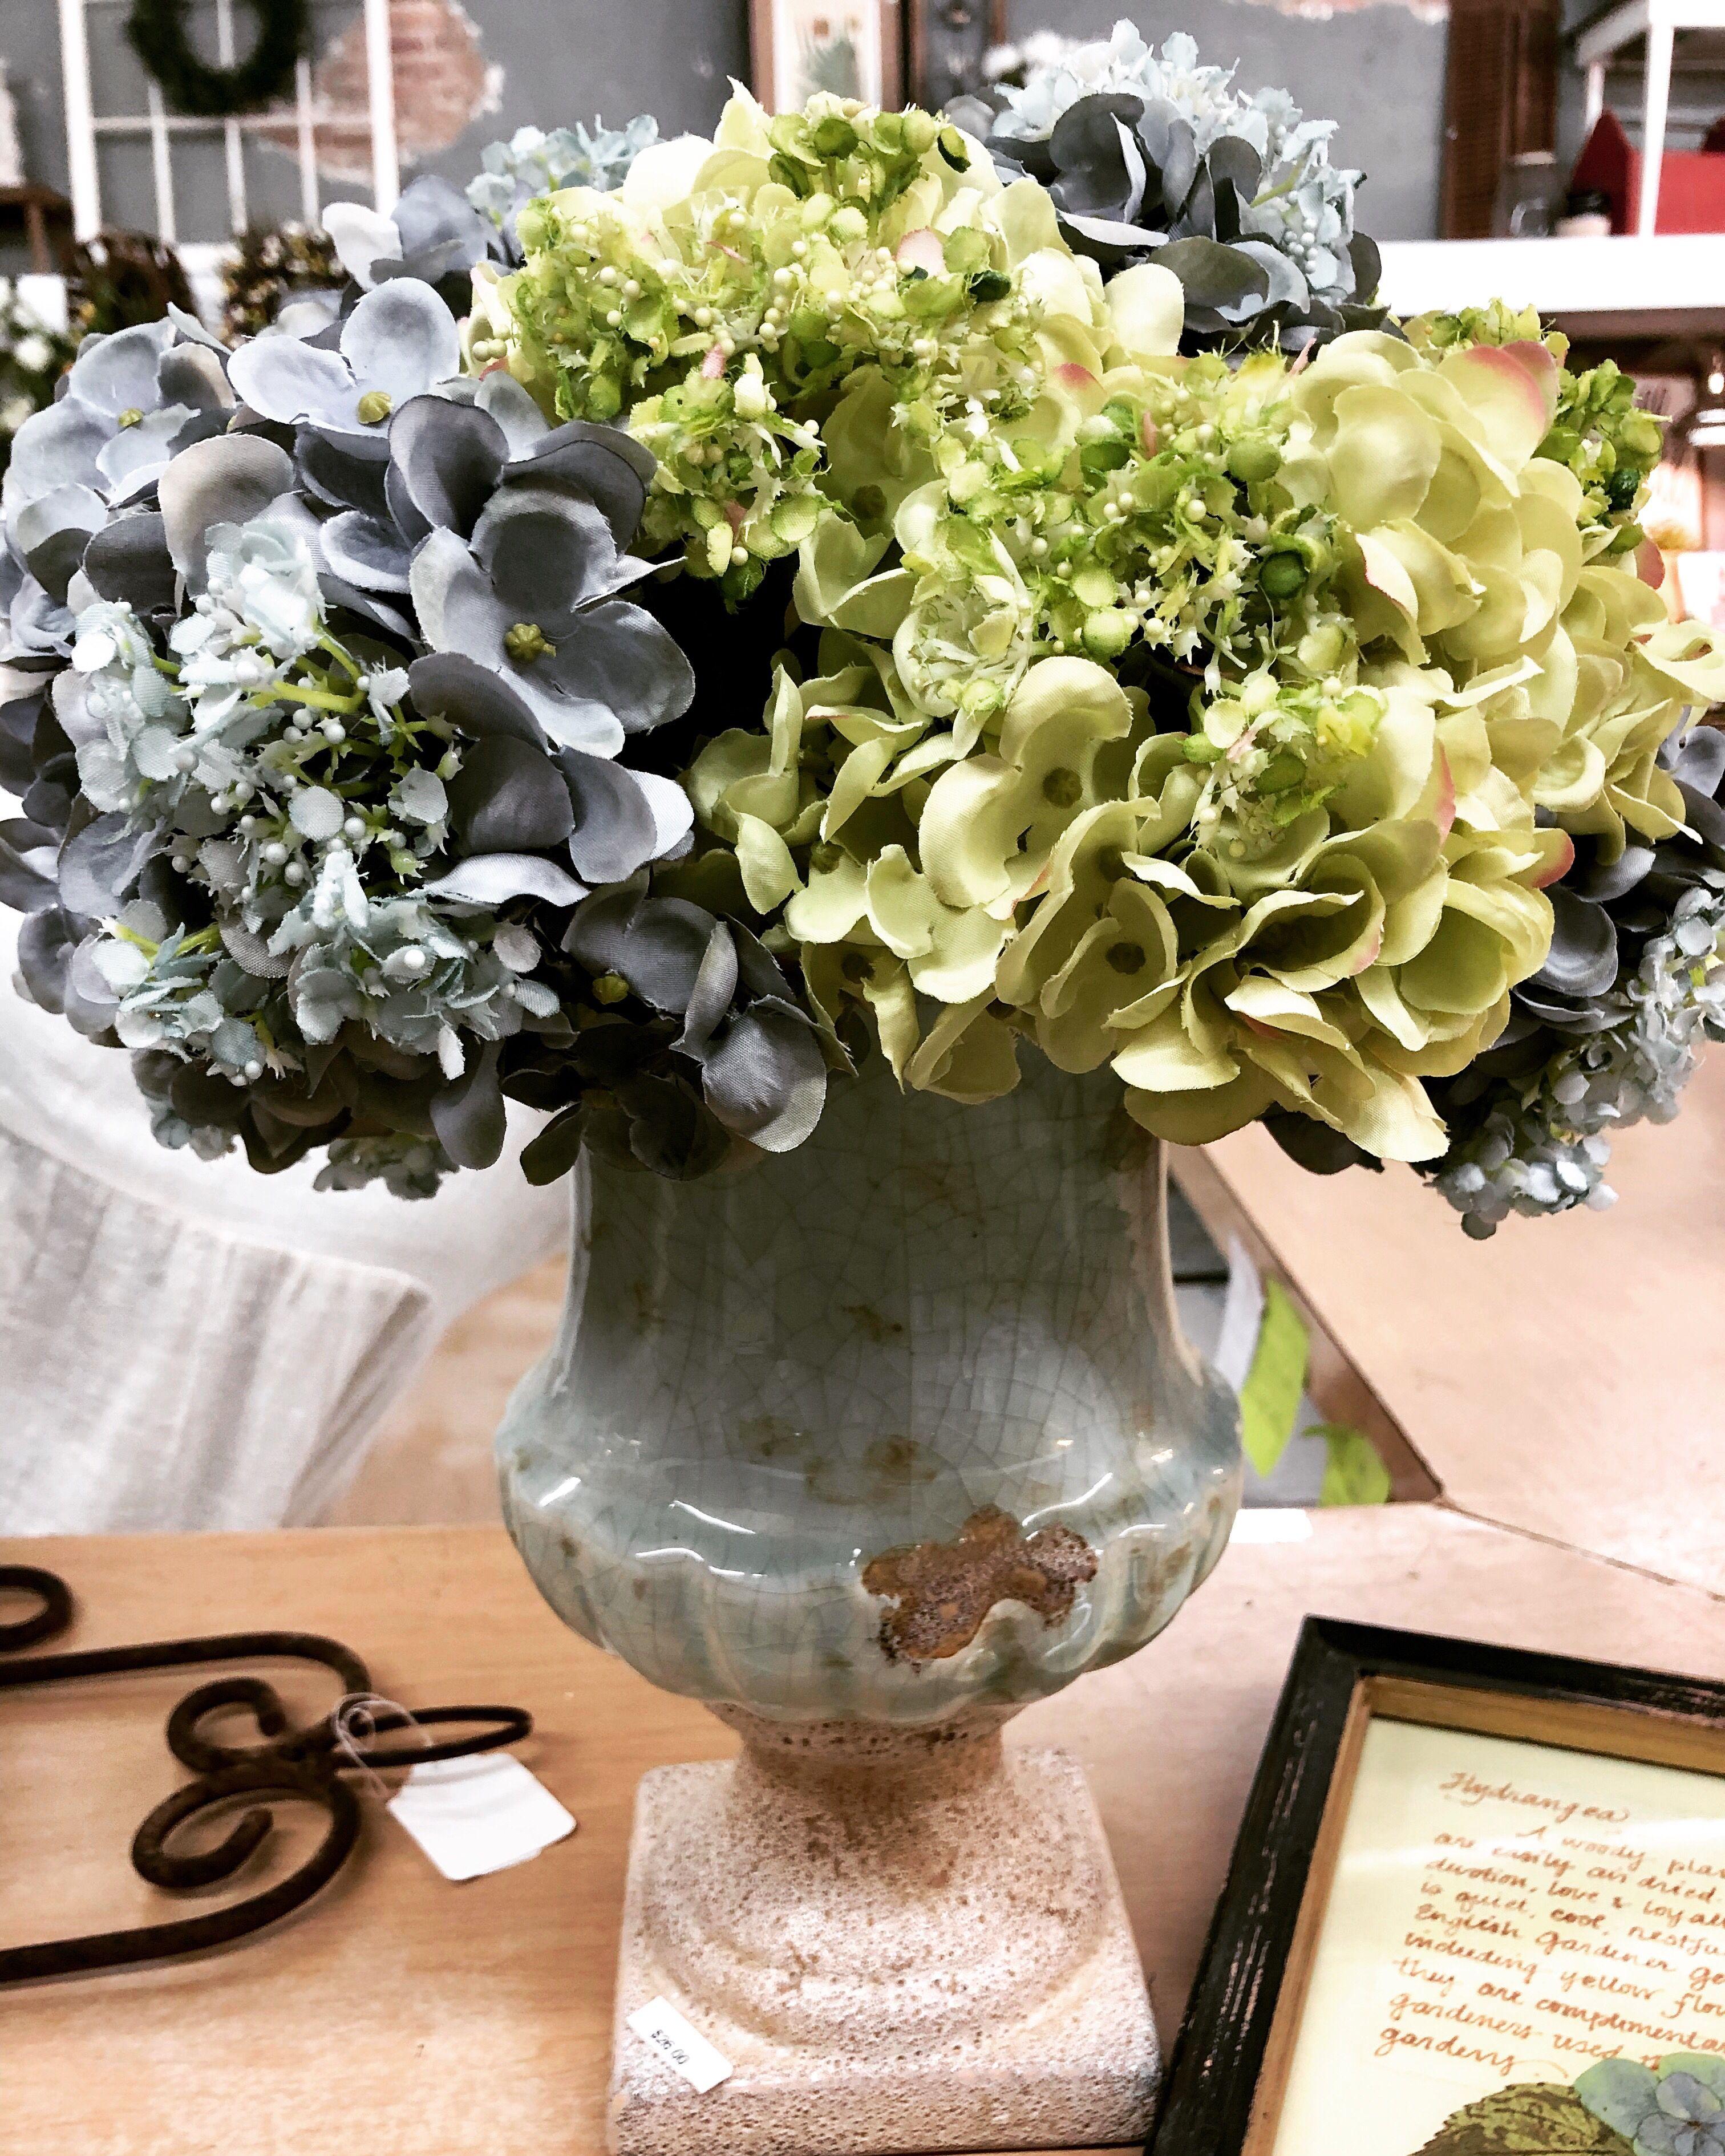 Amazon.com: Dalmarko Designs co147 Purple Hydrangeas in ... |Country Hydrangeas Vase